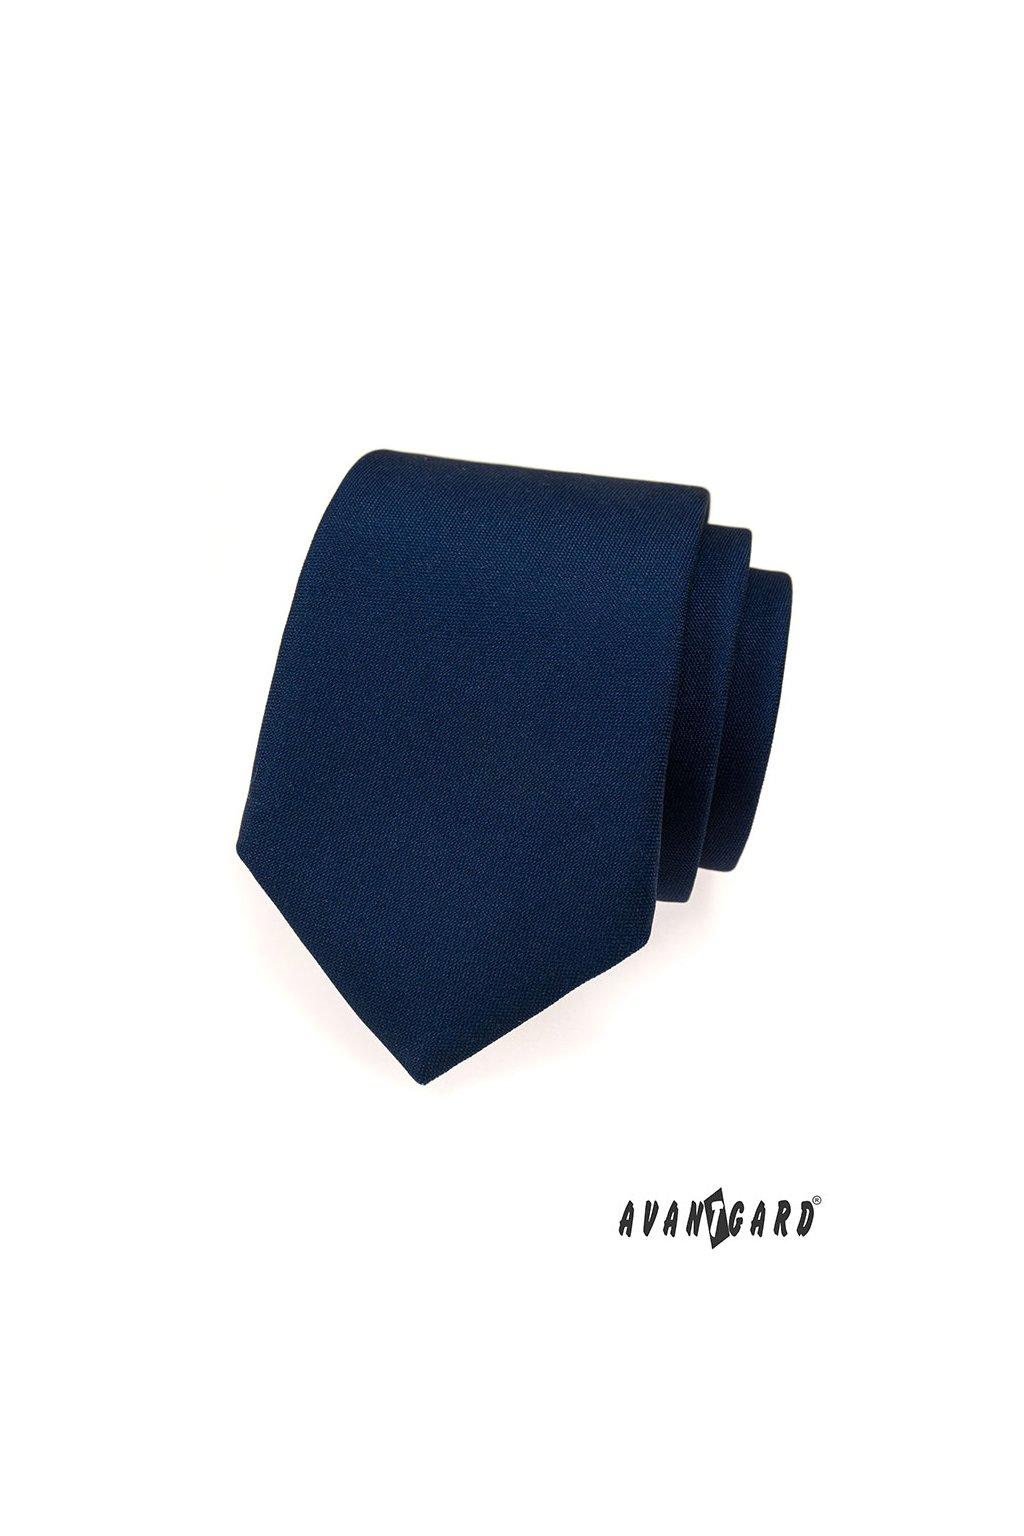 Tmavě modrá luxusní kravata navy 561 - 9840